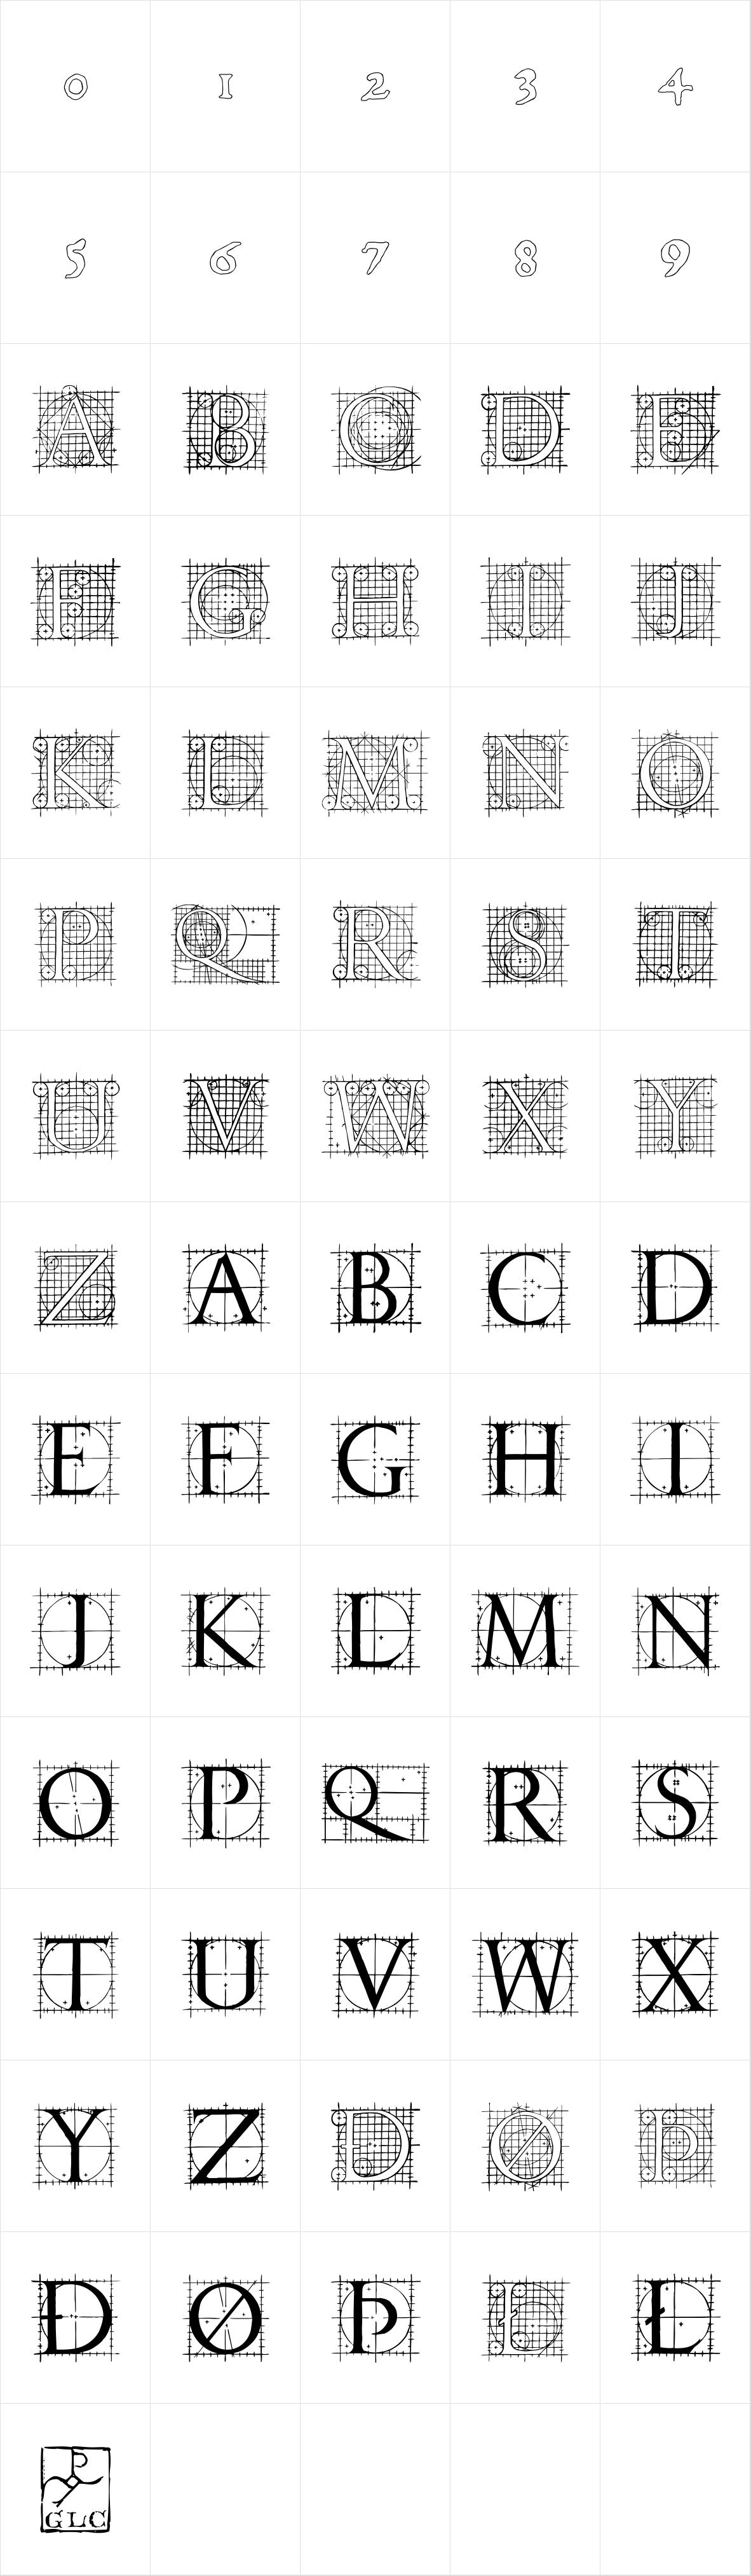 1529 Champ Fleury Initials